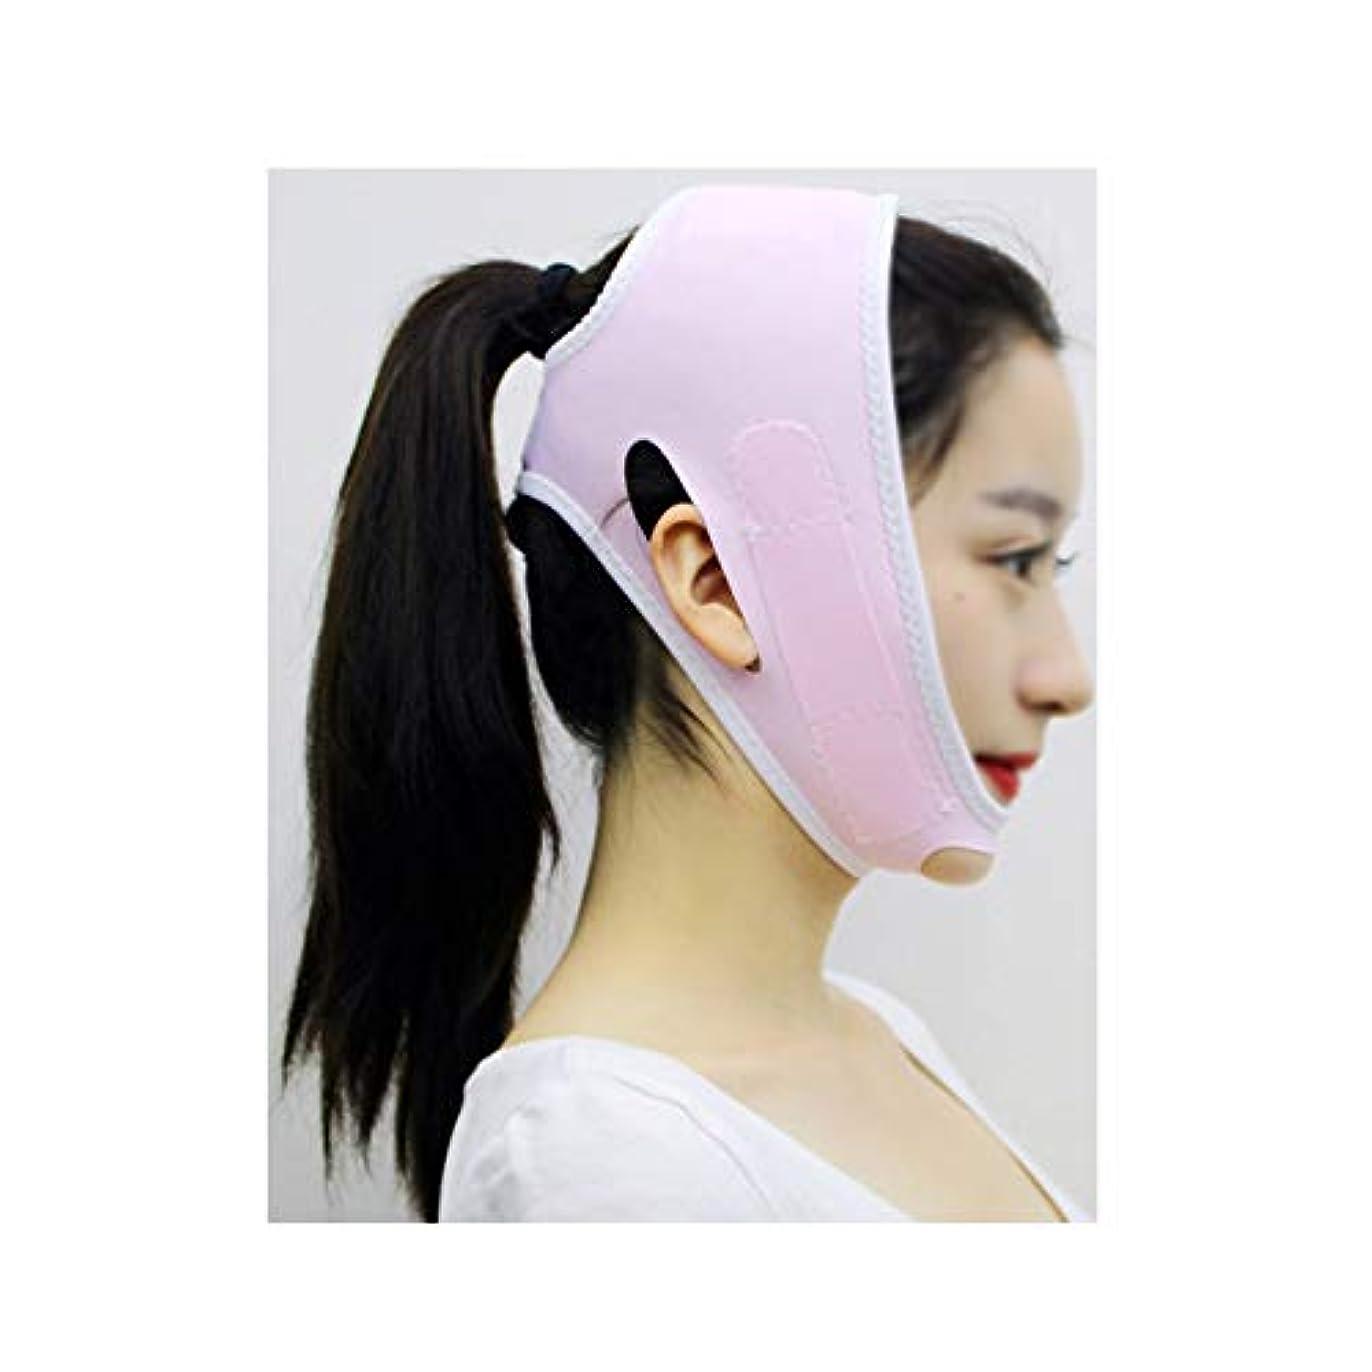 拍手するセマフォあいにくGLJJQMY 包帯ヘッドギアマスクの顔Vの顔の薄い顔のアーティファクトプラスチック美容ゴムバンドフェイスリフトネックリフト後薄い顔マスクあごベルトの回復 顔用整形マスク (Color : Pink)